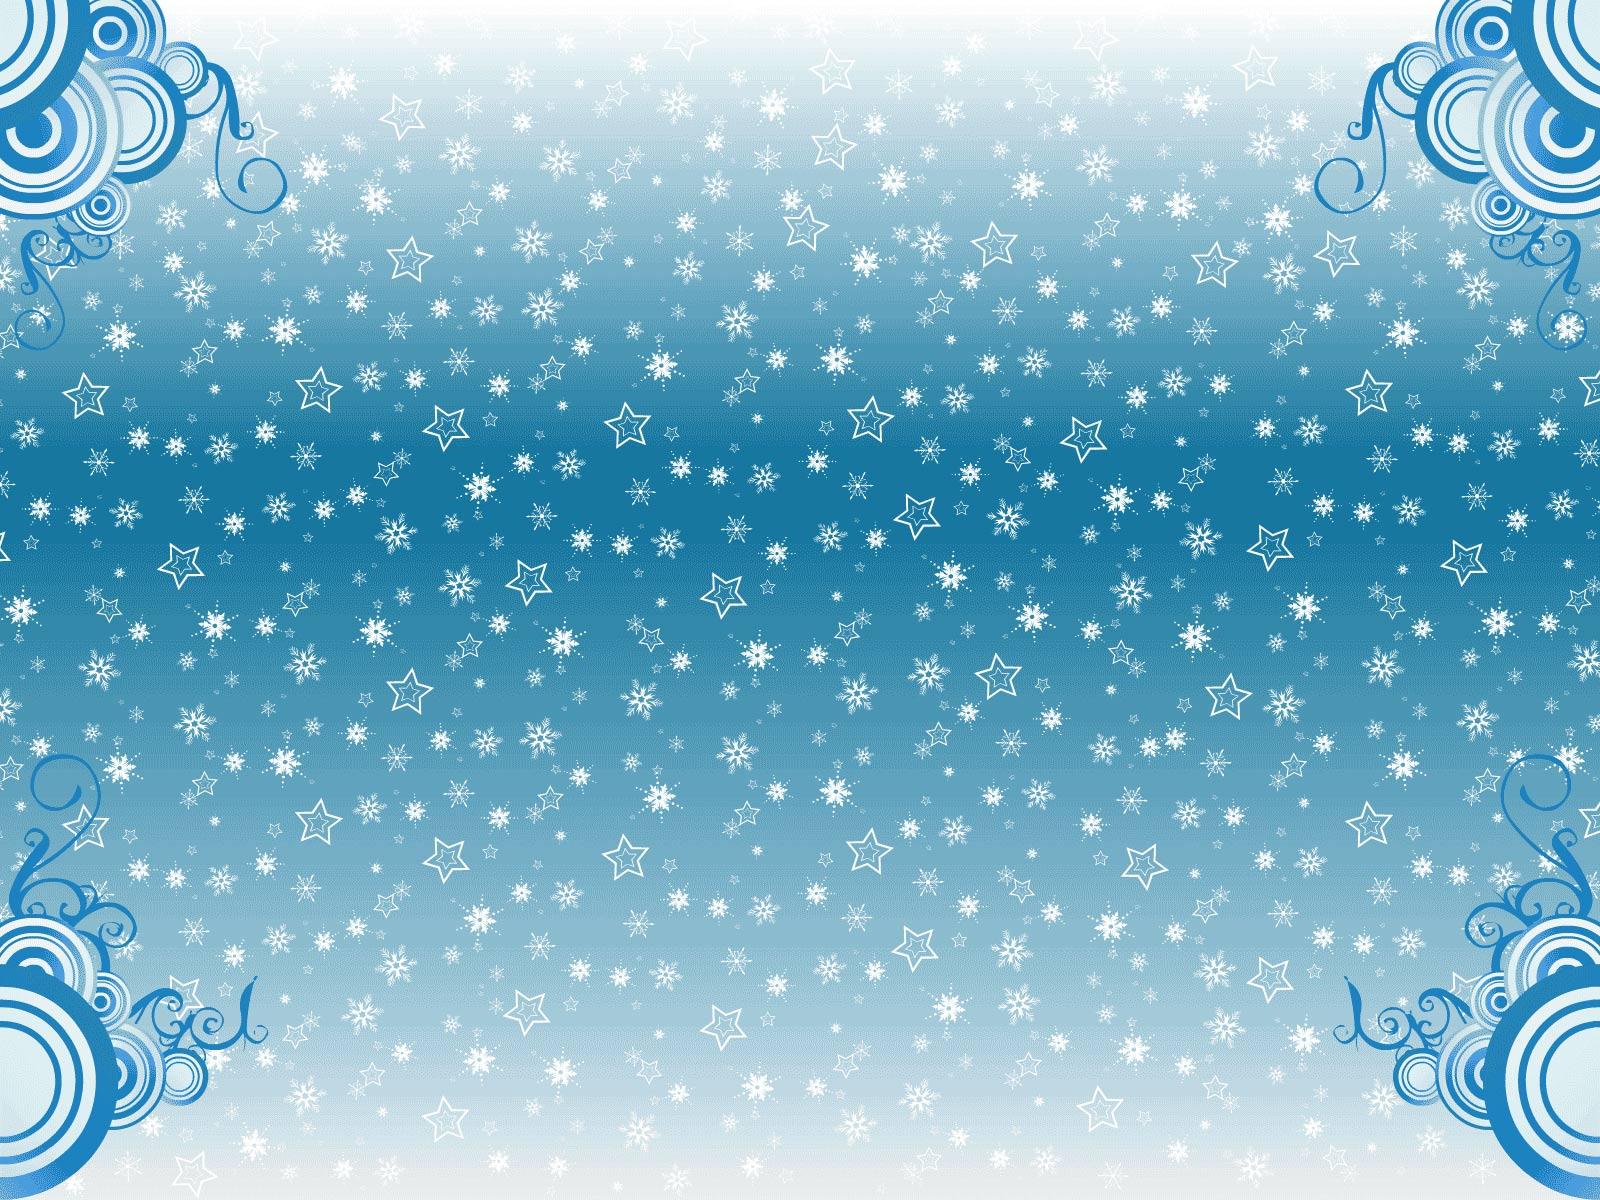 winter Desktop Wallpaper High Quality Wallpapers Wallpaper Desktop 1600x1200